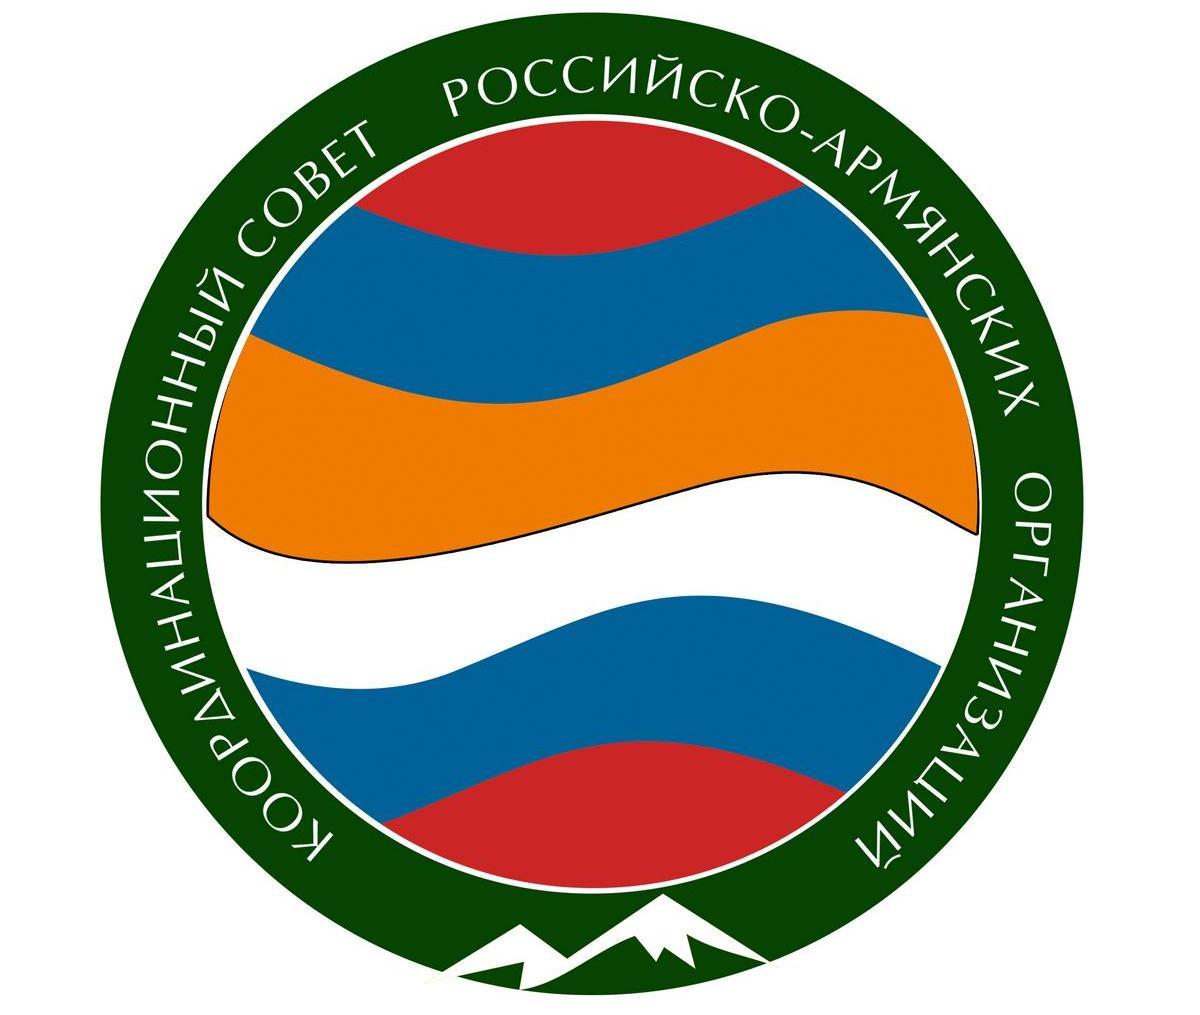 Кски филмамедя армян фото 541-8